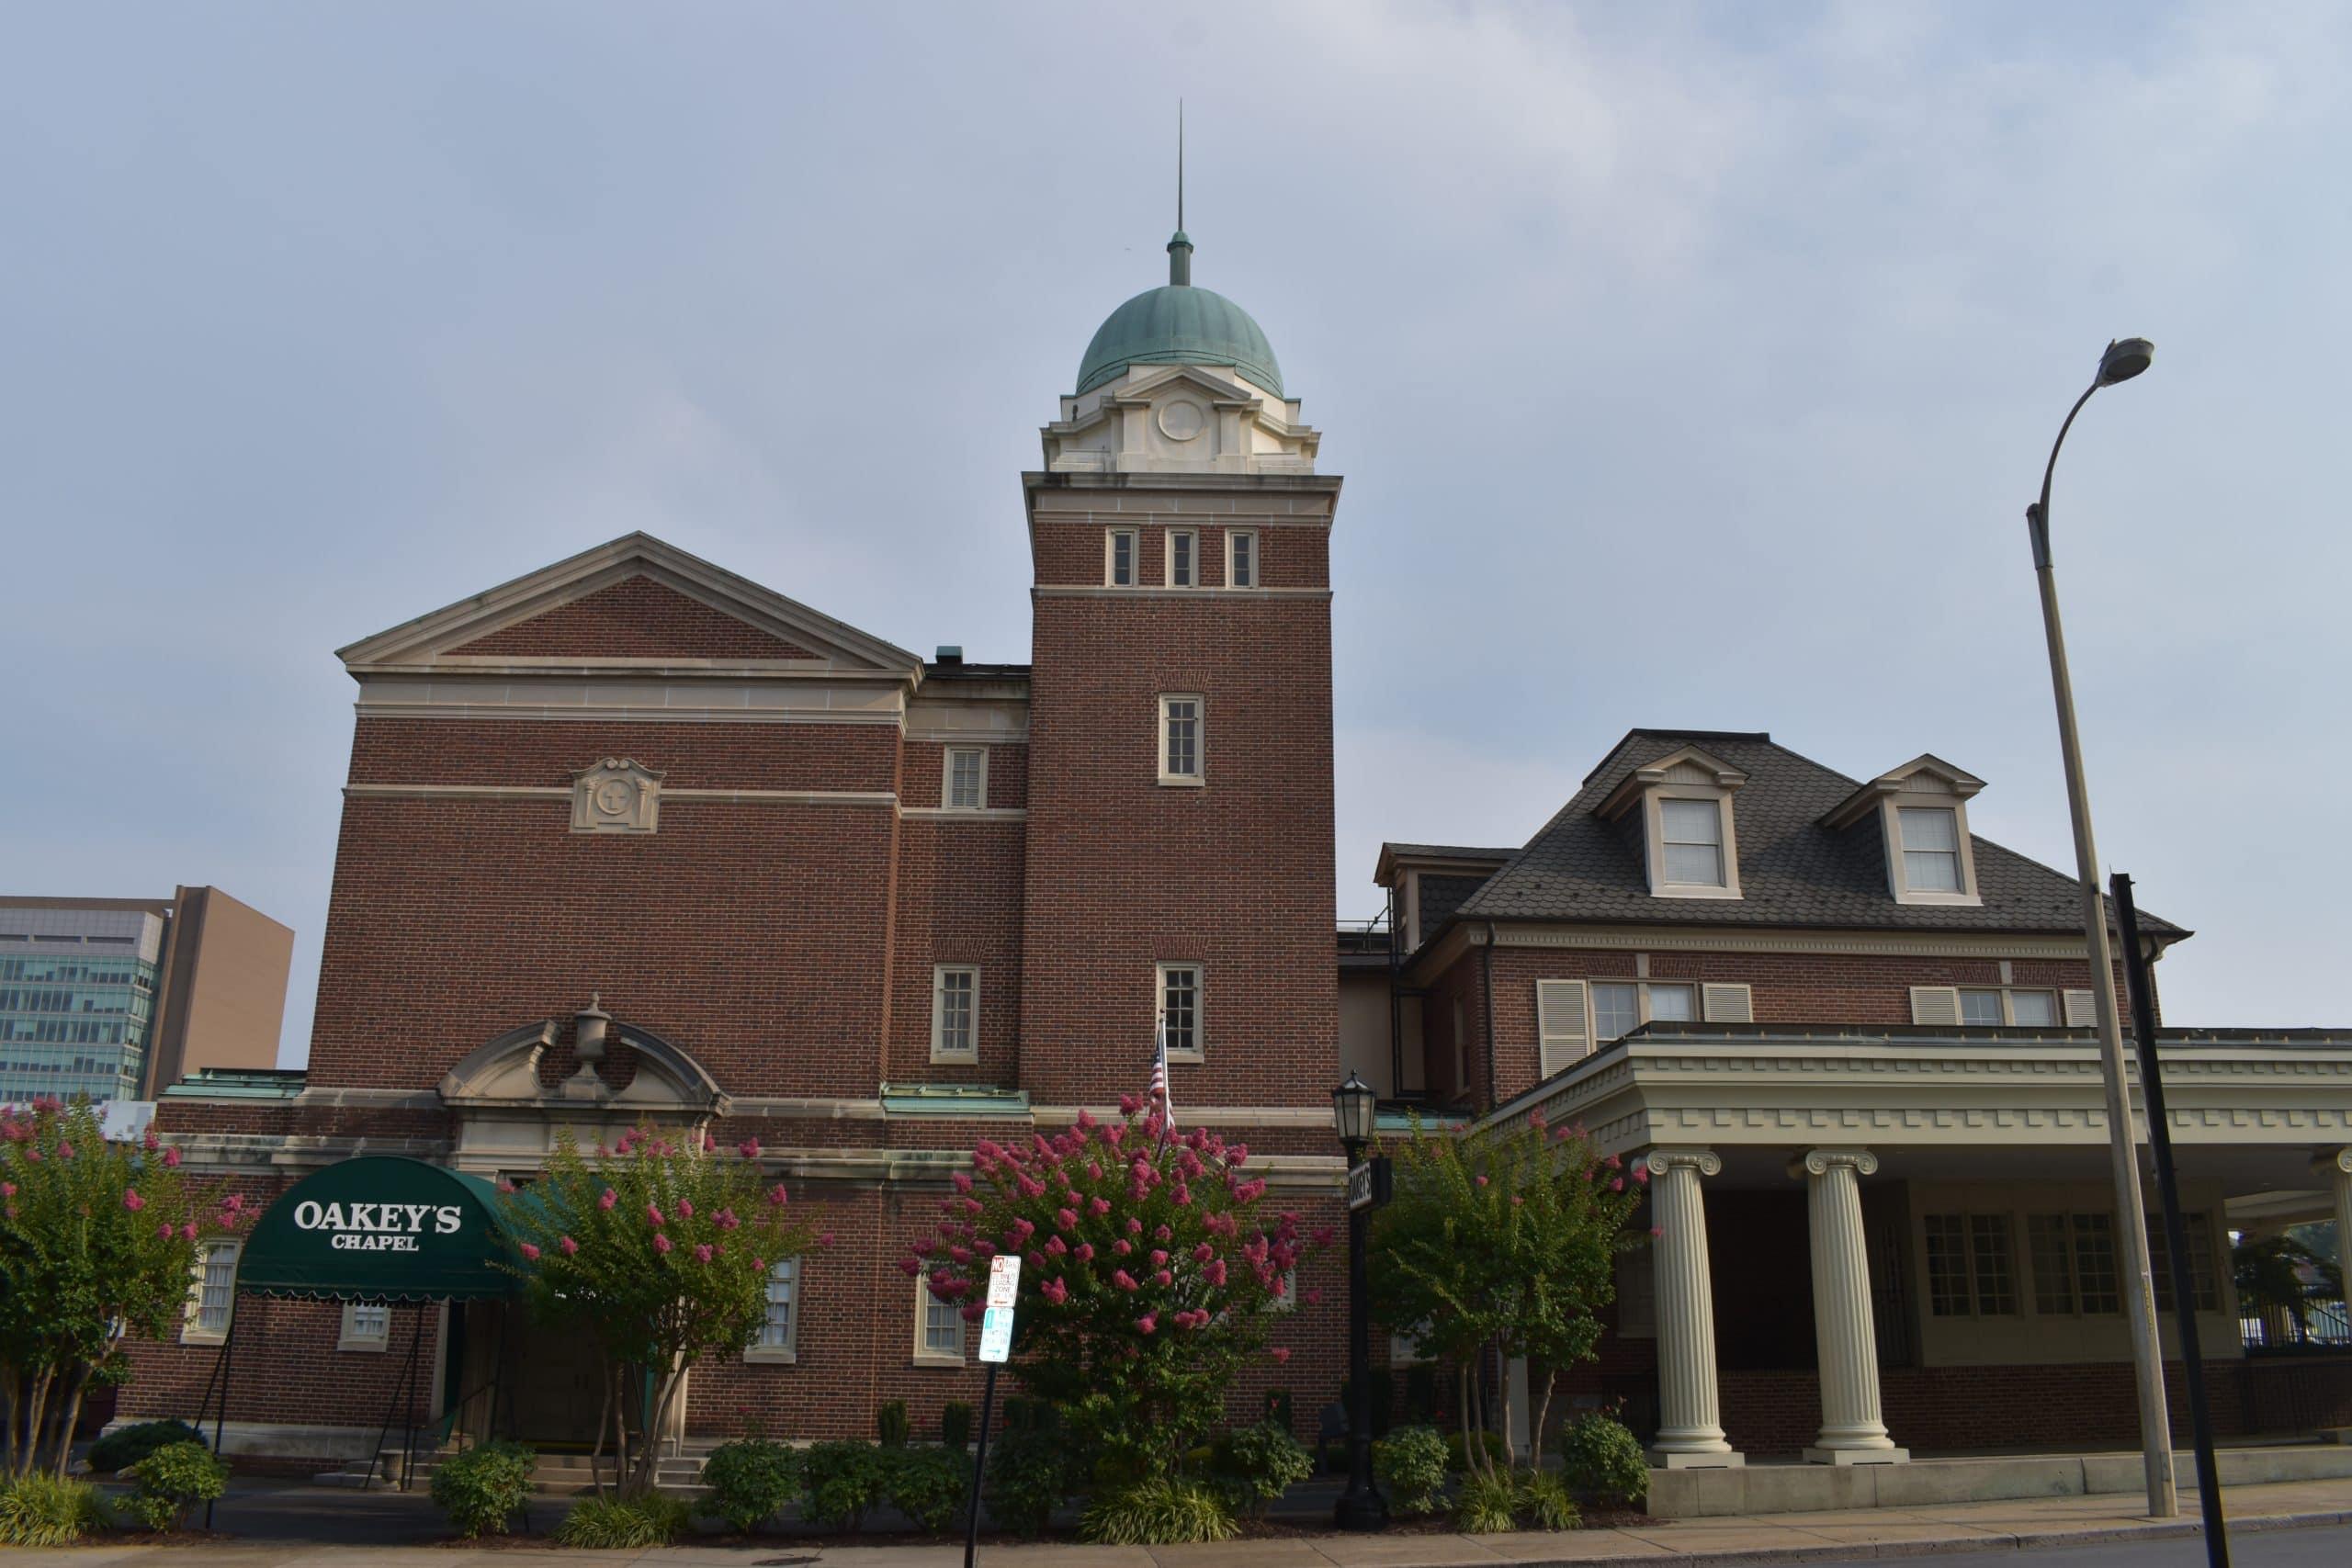 Oakeys Roanoke Chapel scaled